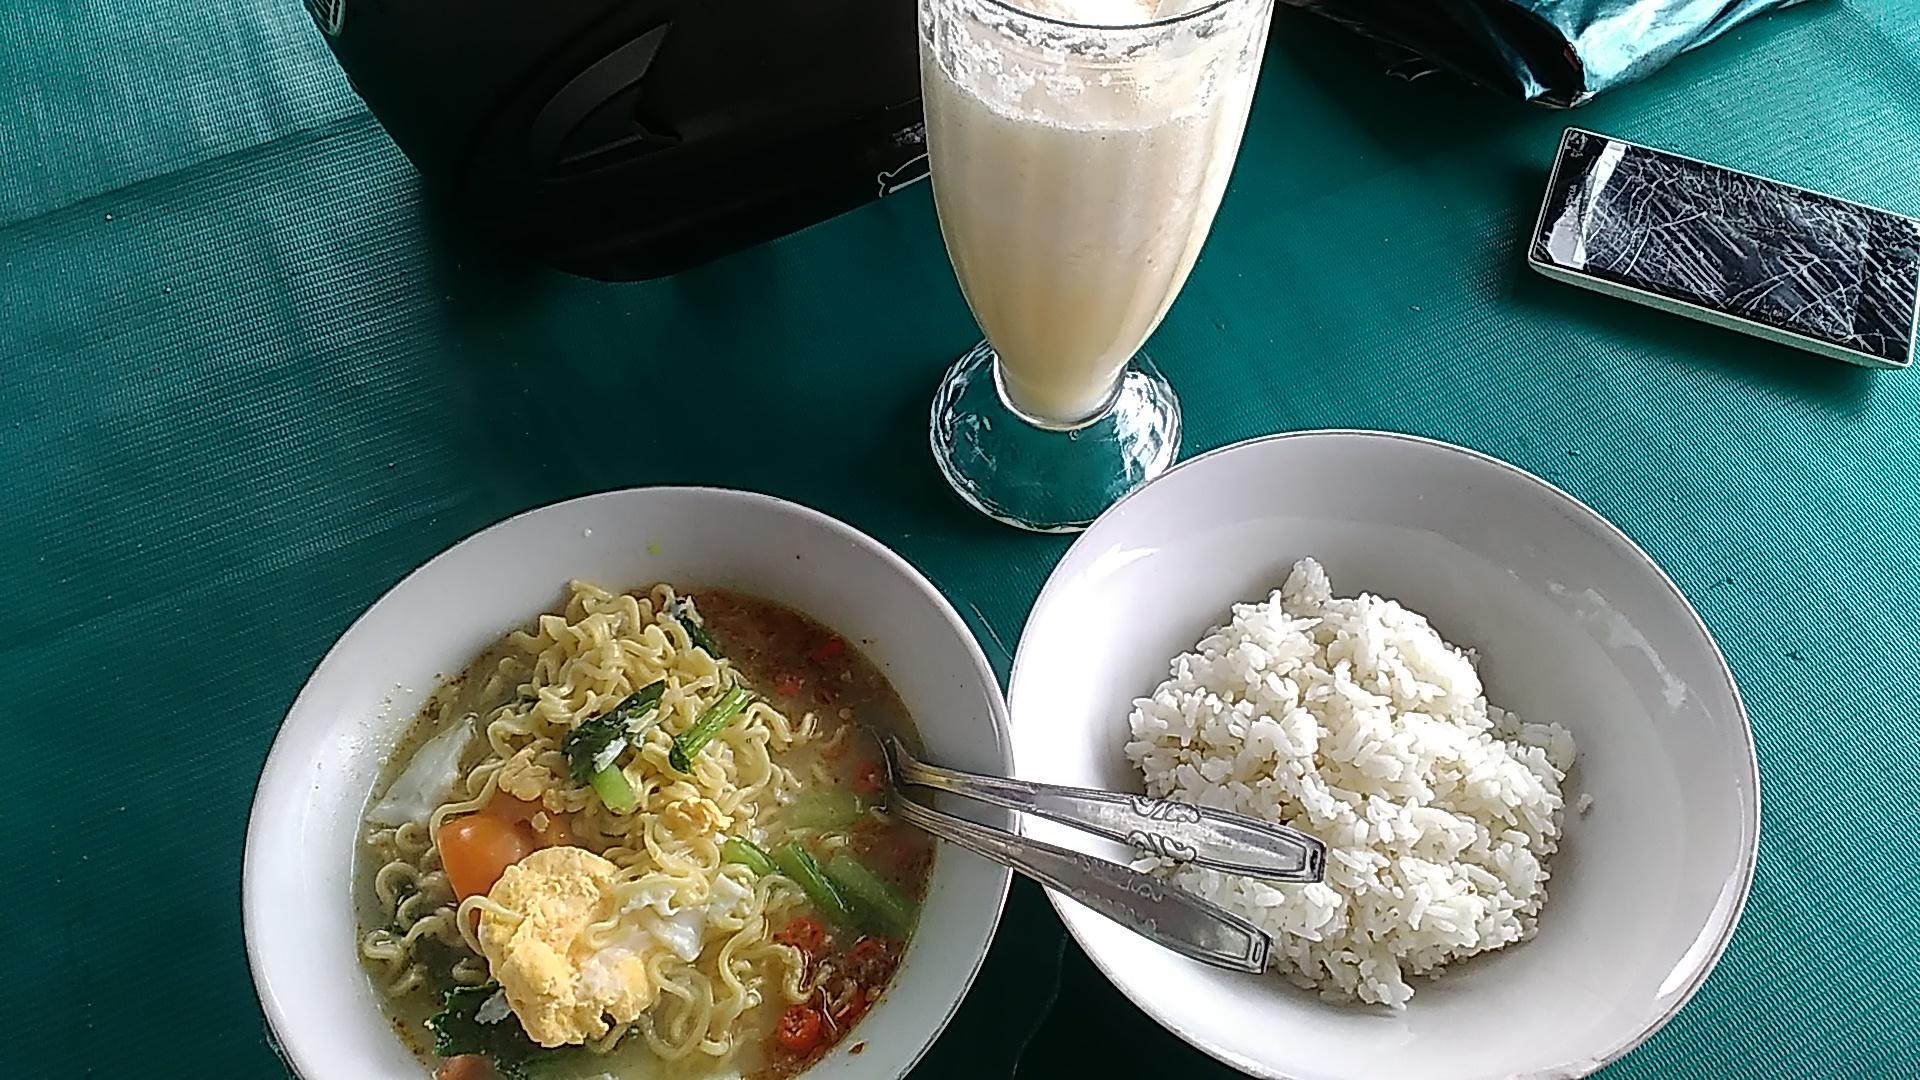 Makan Indomie Seporsi di Warung Digetok Mahal